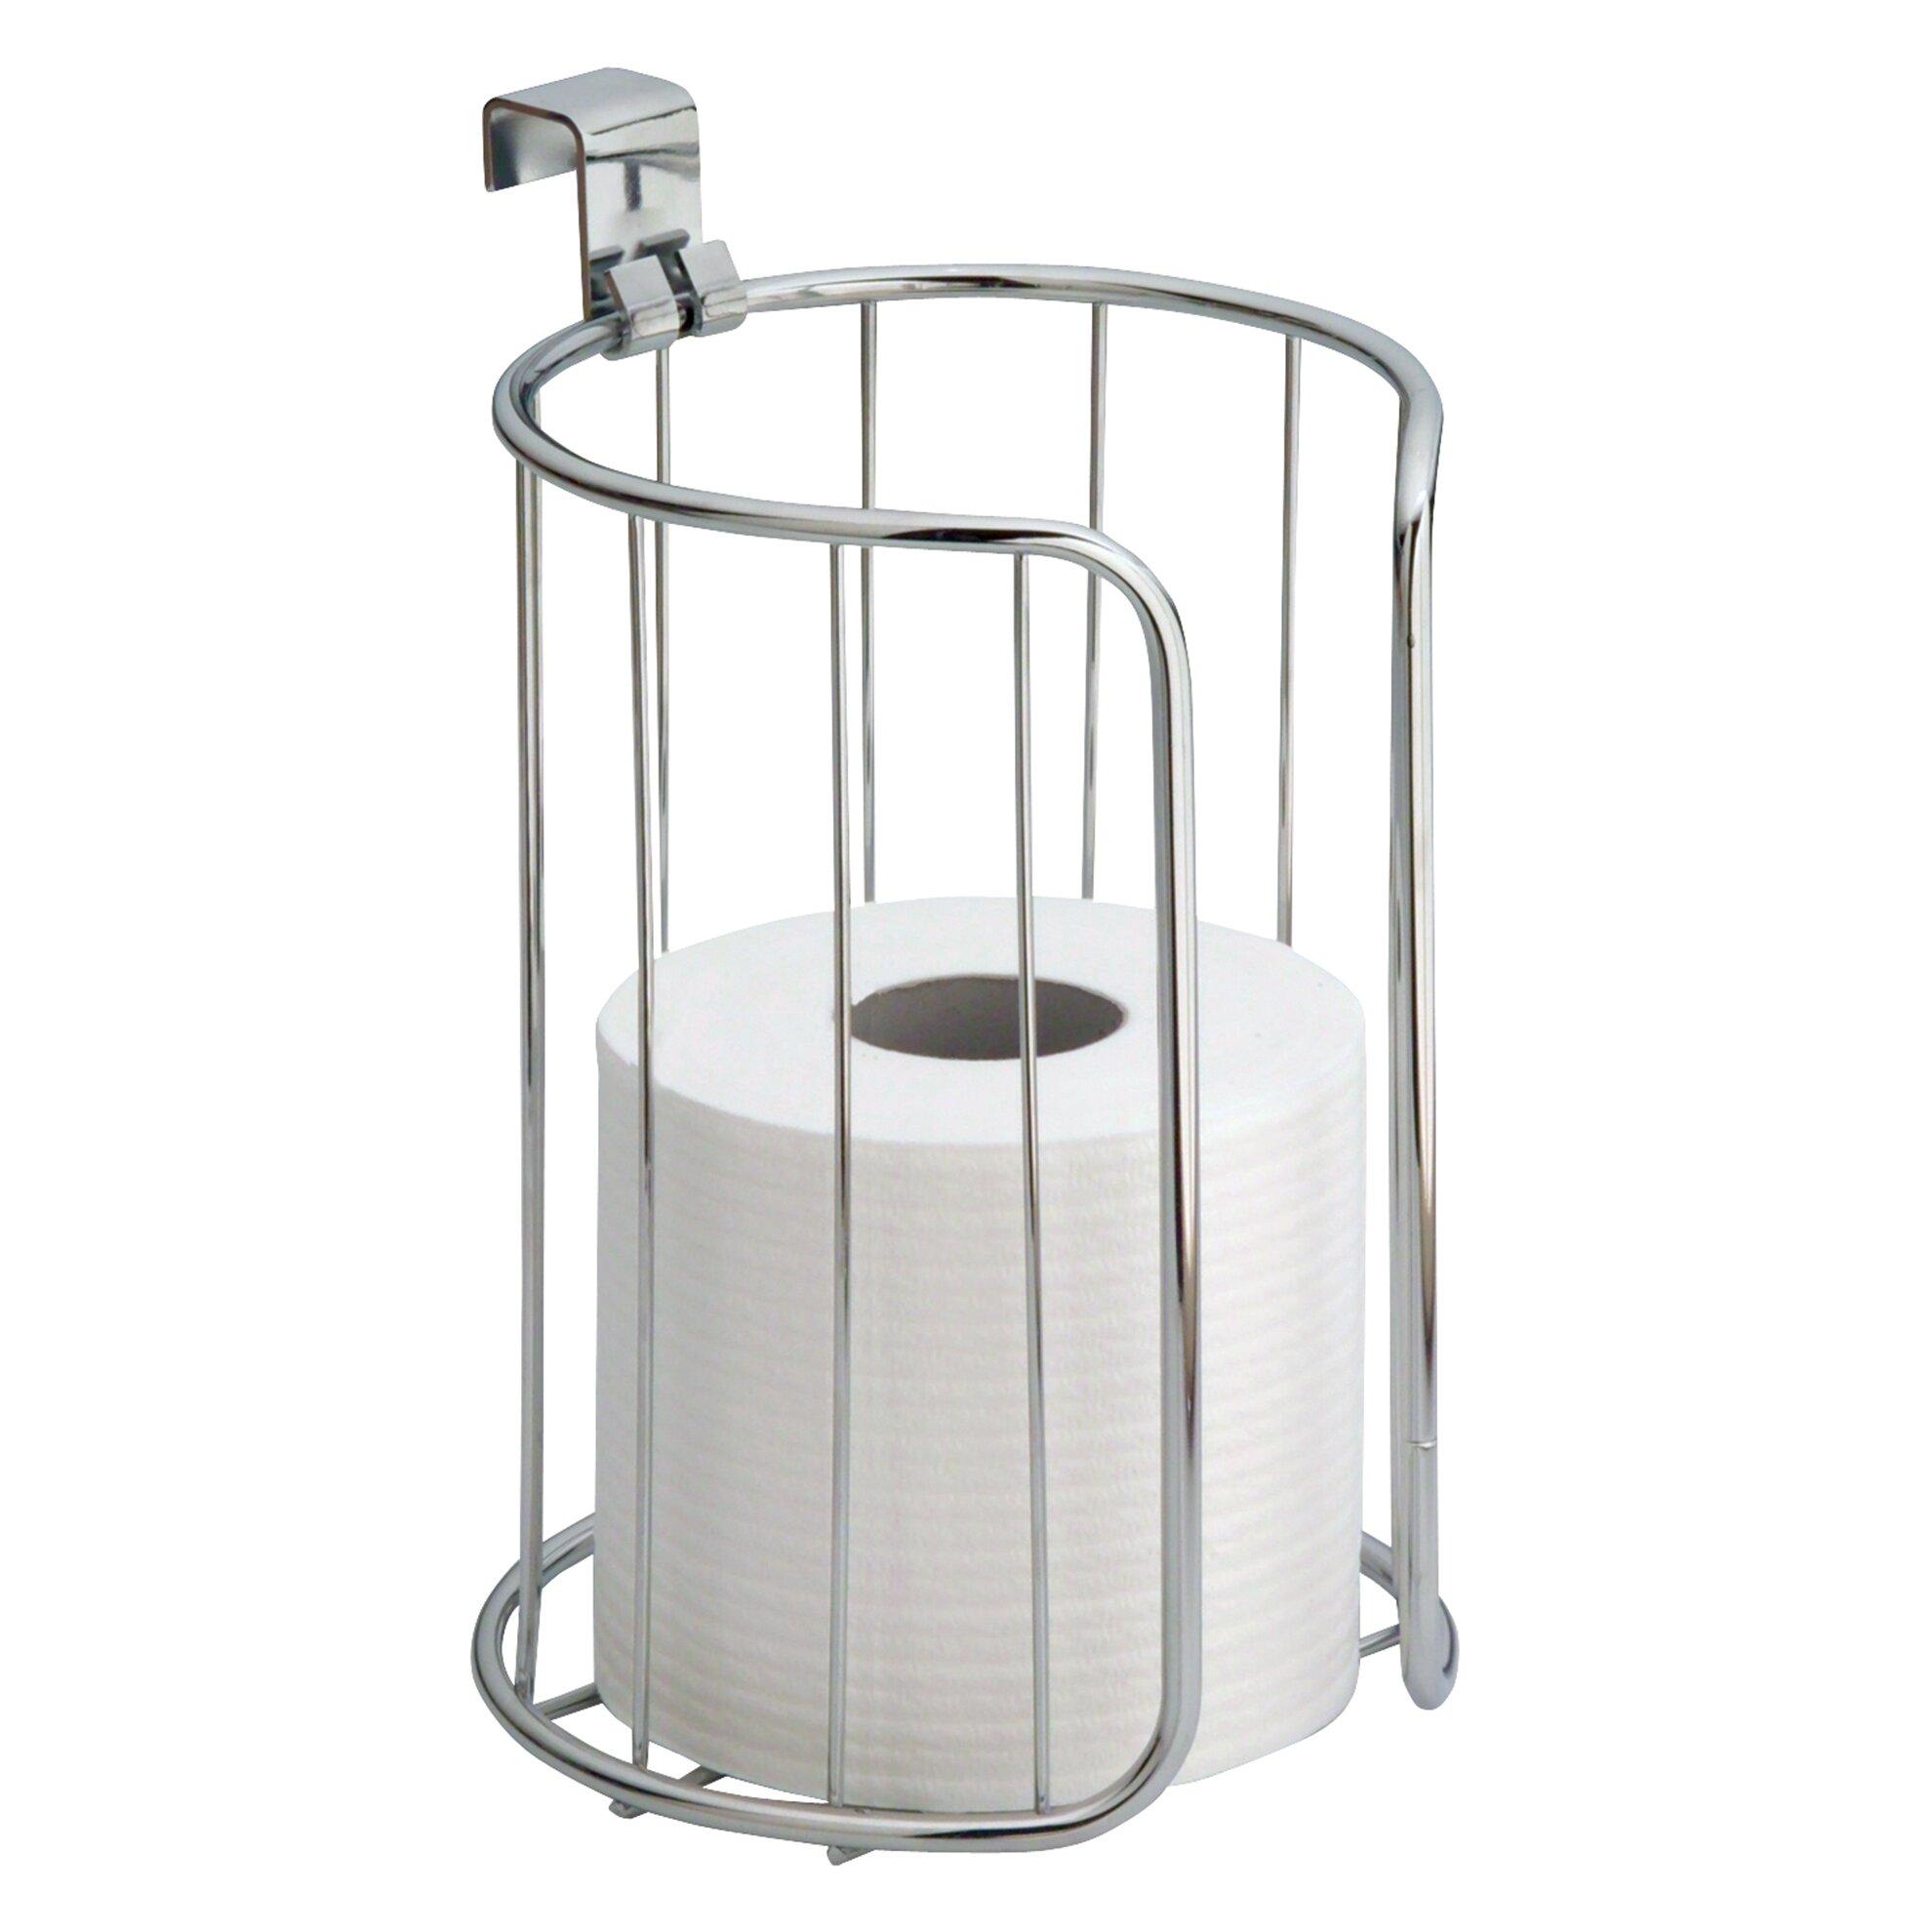 Interdesign classico over the toilet paper holder reviews wayfair - Interdesign toilet paper holder ...